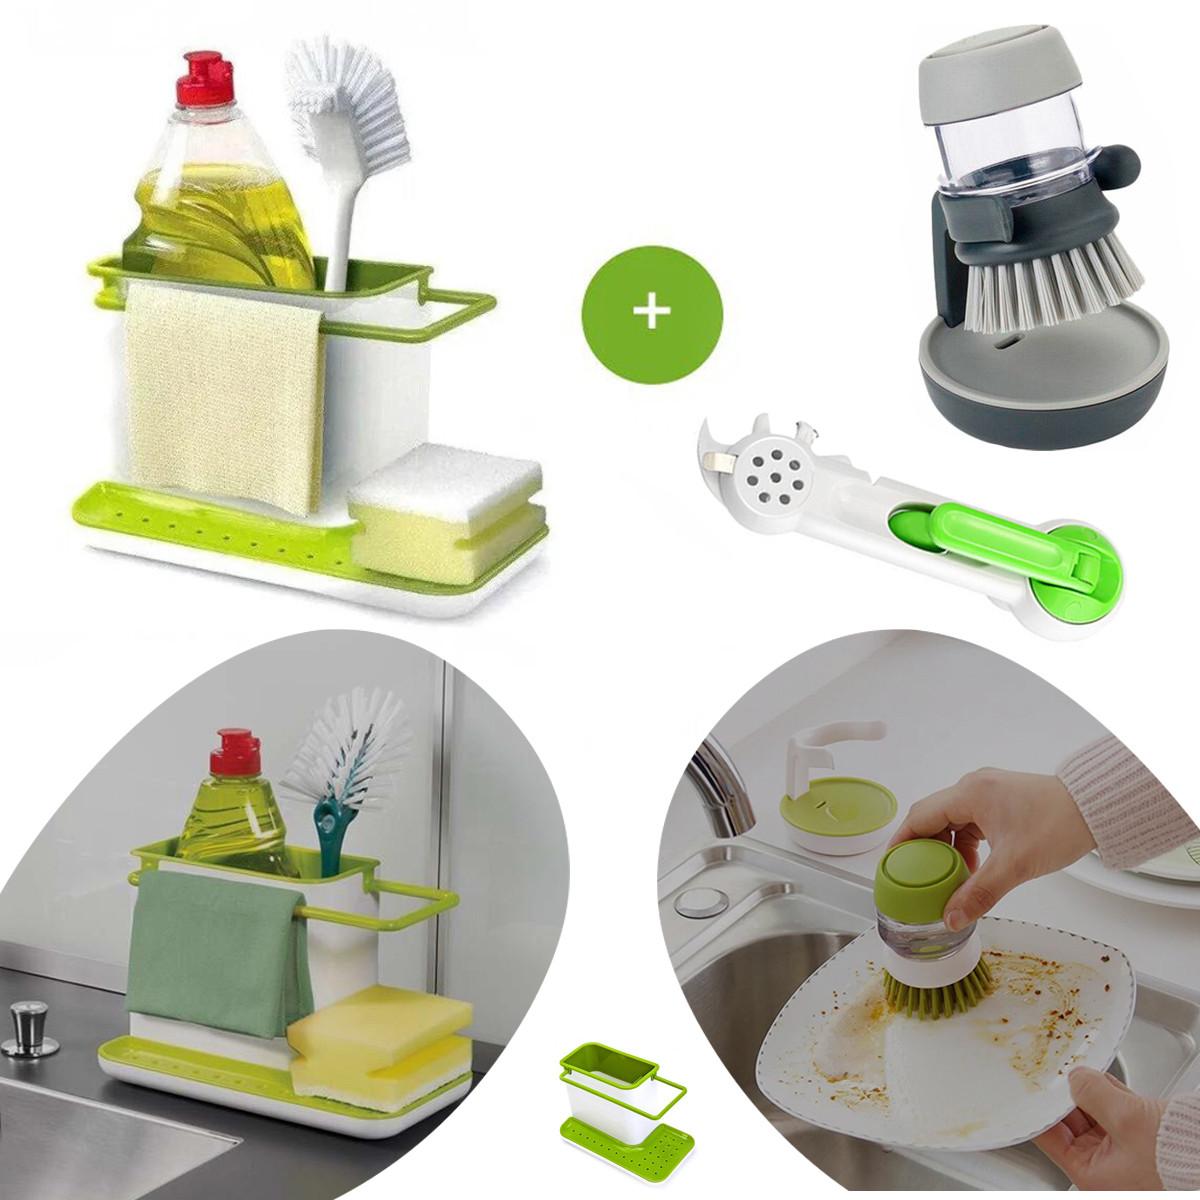 Органайзер на раковину + щетка для мытья посуды с дозатором мыла + открывалка, консервный нож 7 в 1